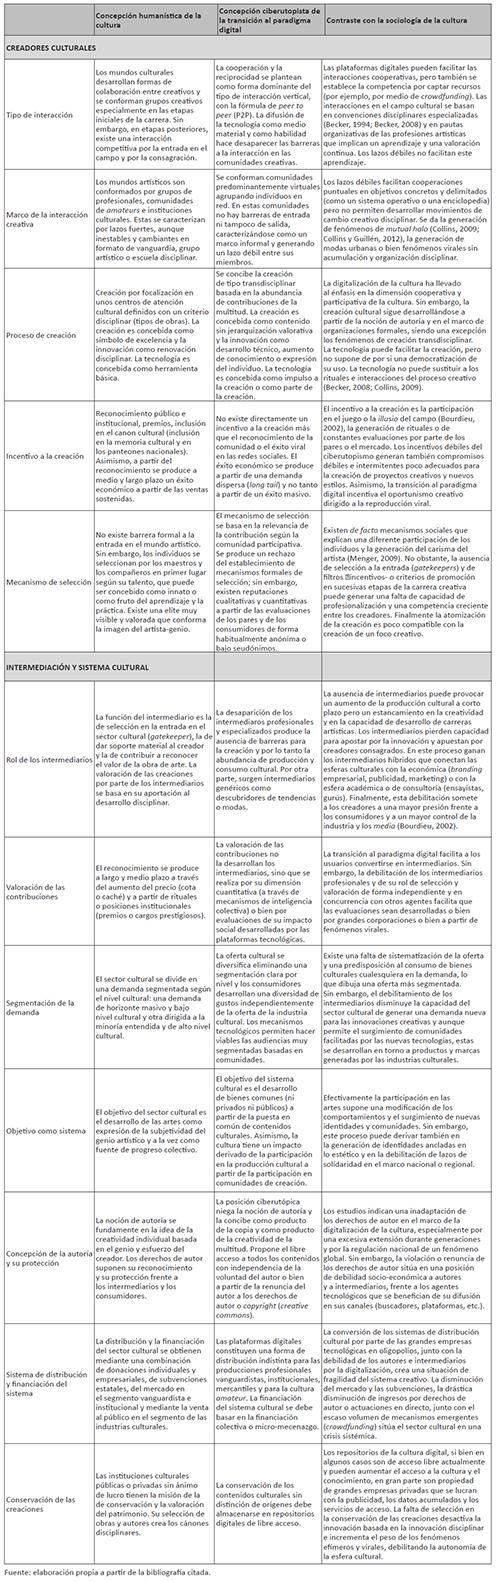 Concepción humanística de la cultura, concepción ciberutopista de la transición digital y contraste desde la sociología de la cultura